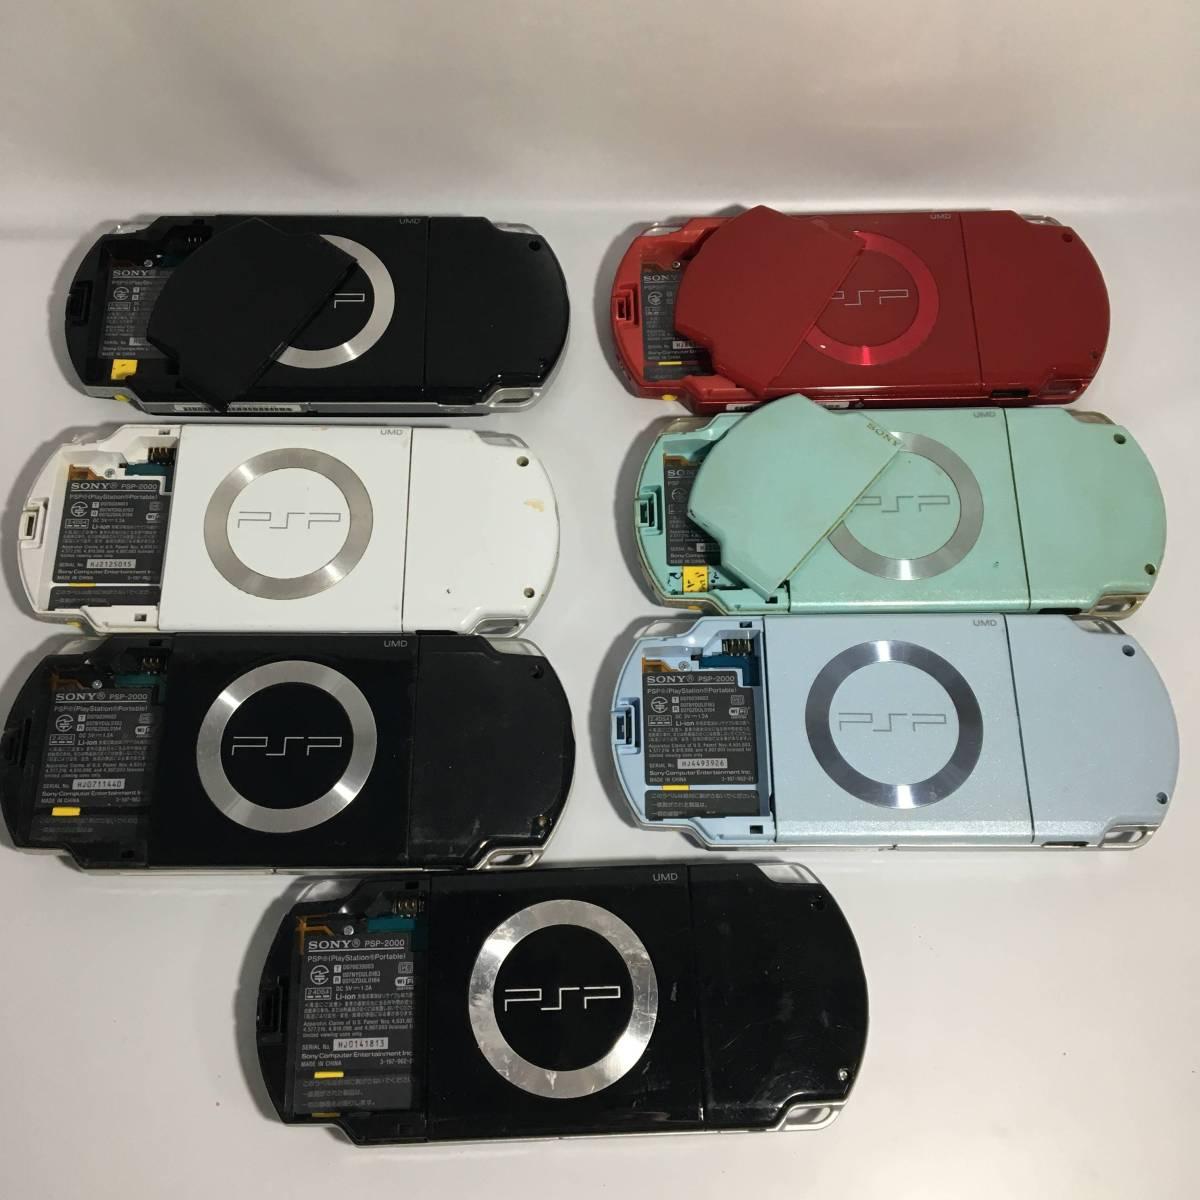 【ジャンク】PSP 本体 まとめ セット 1000 2000 3000 計22台 中古 ゲーム機 ソフト_画像5